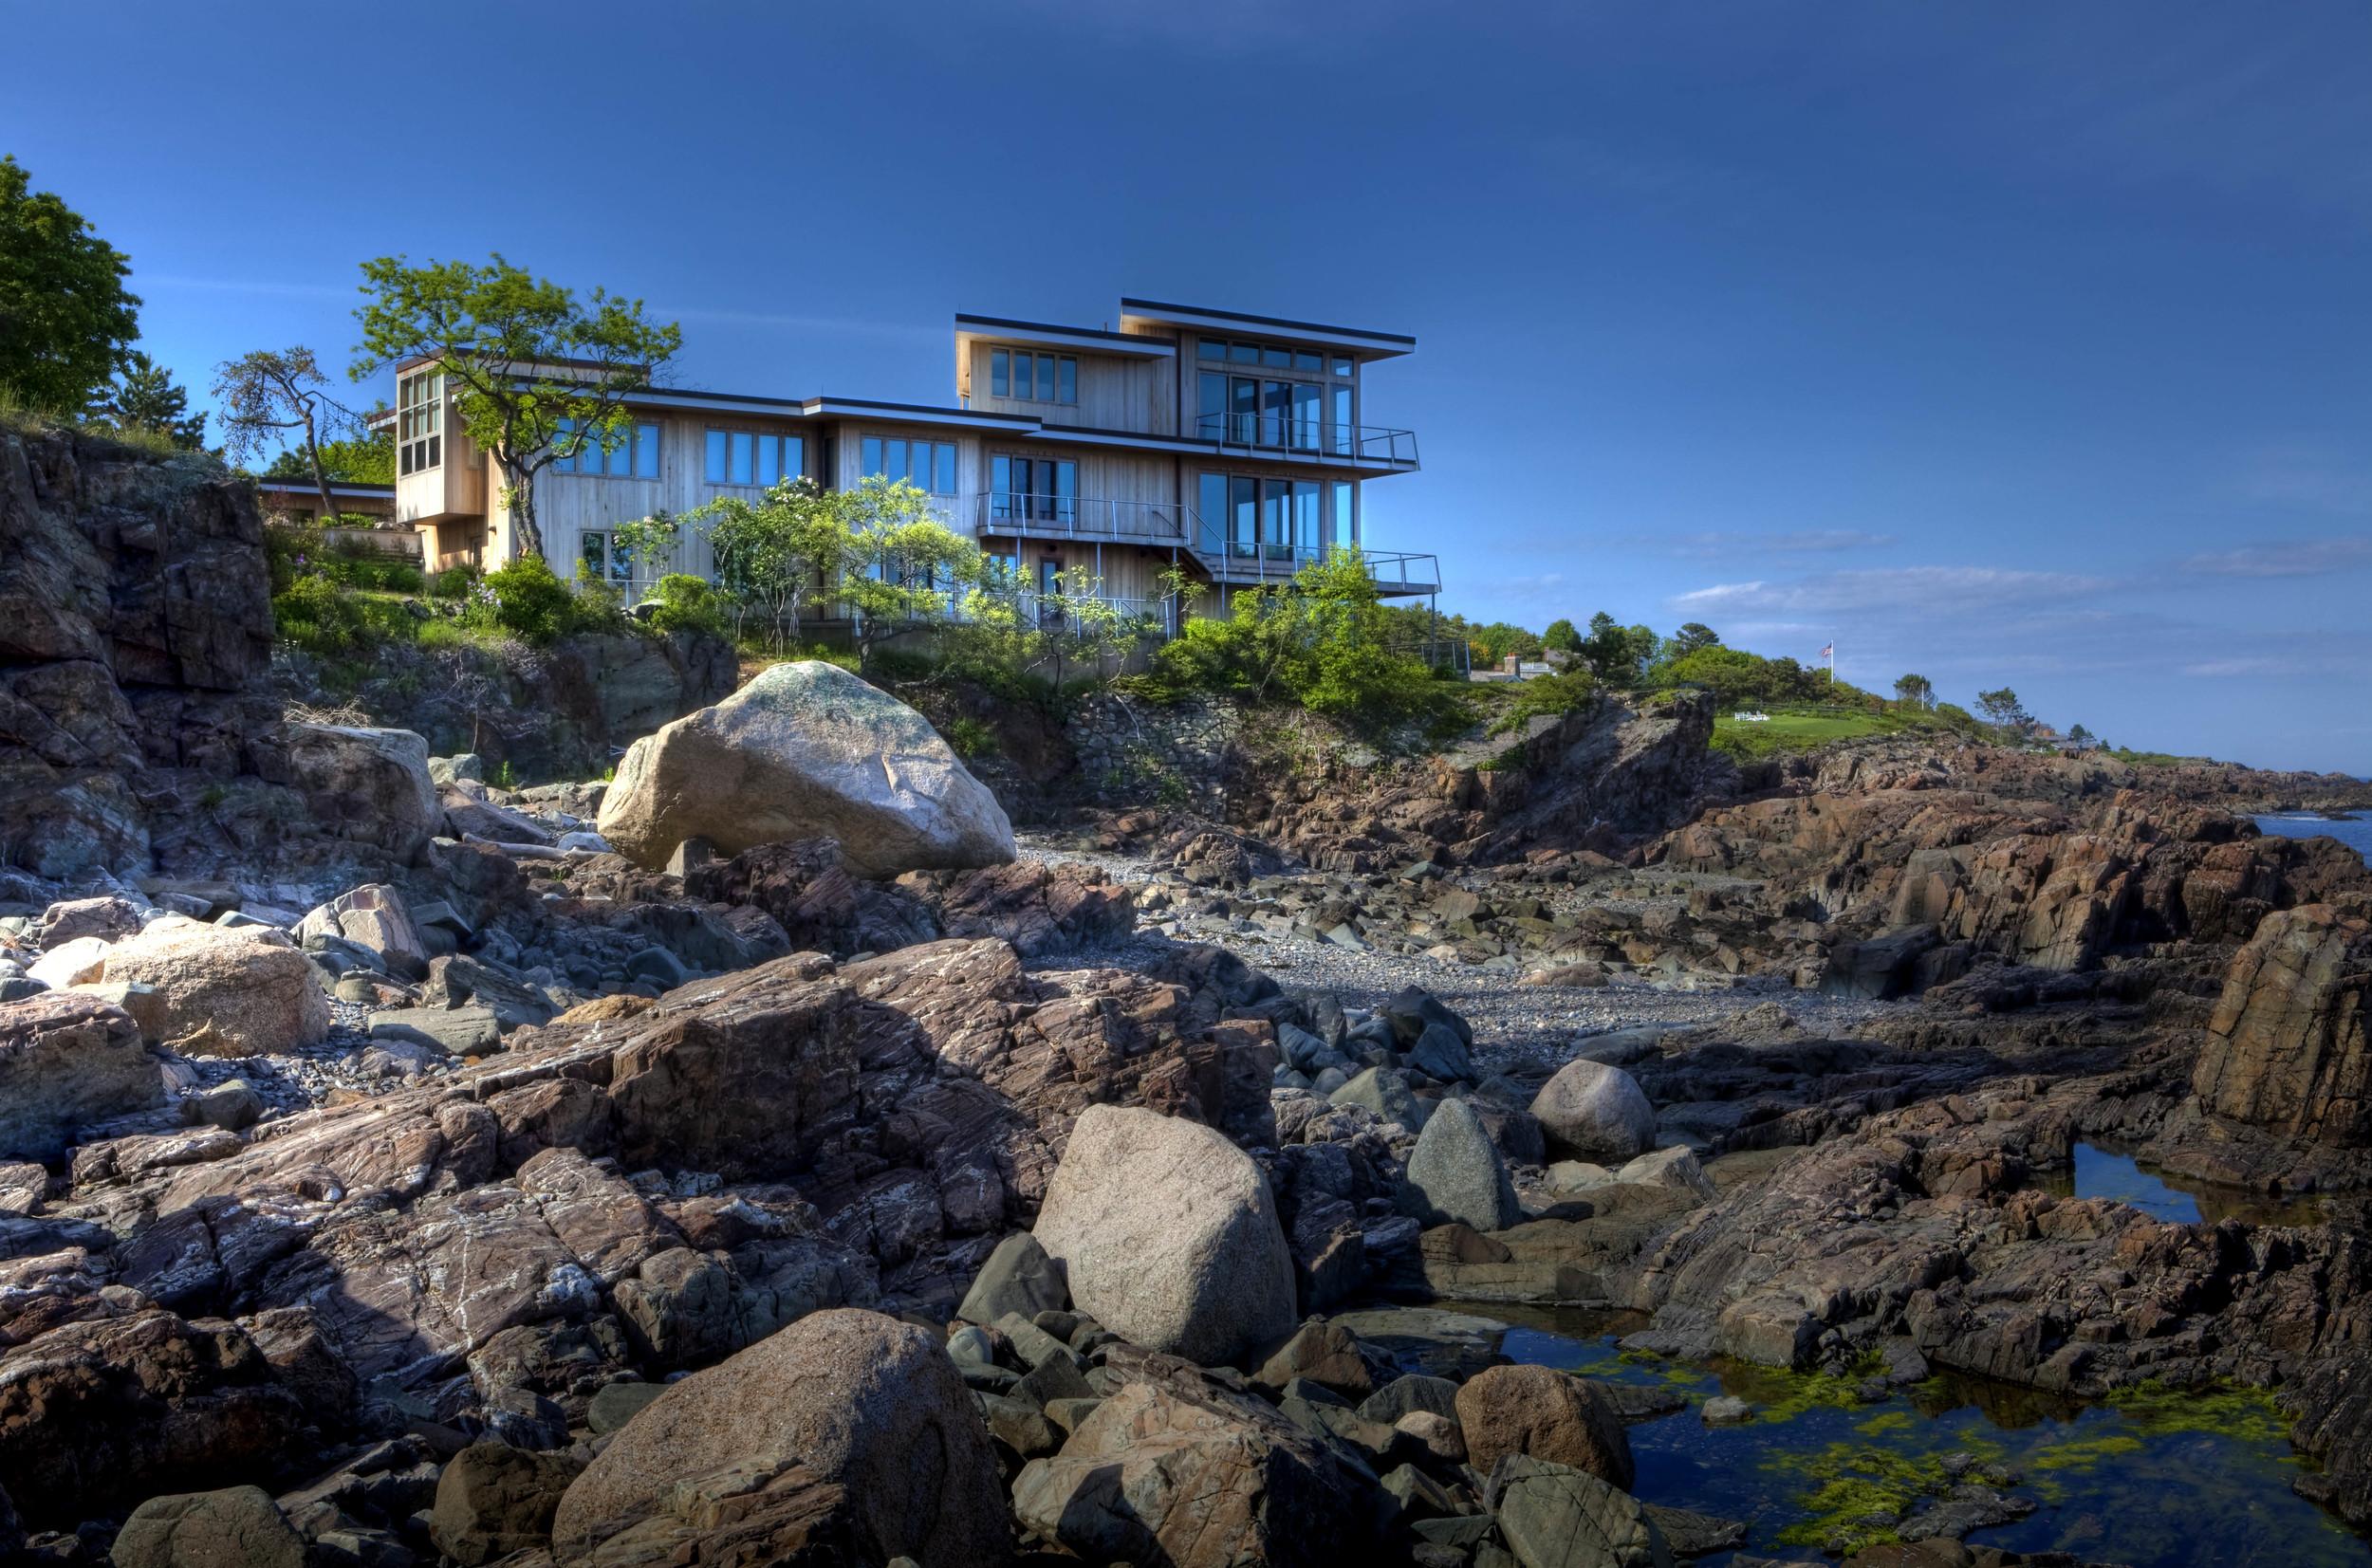 overlooking the rocky shoreline